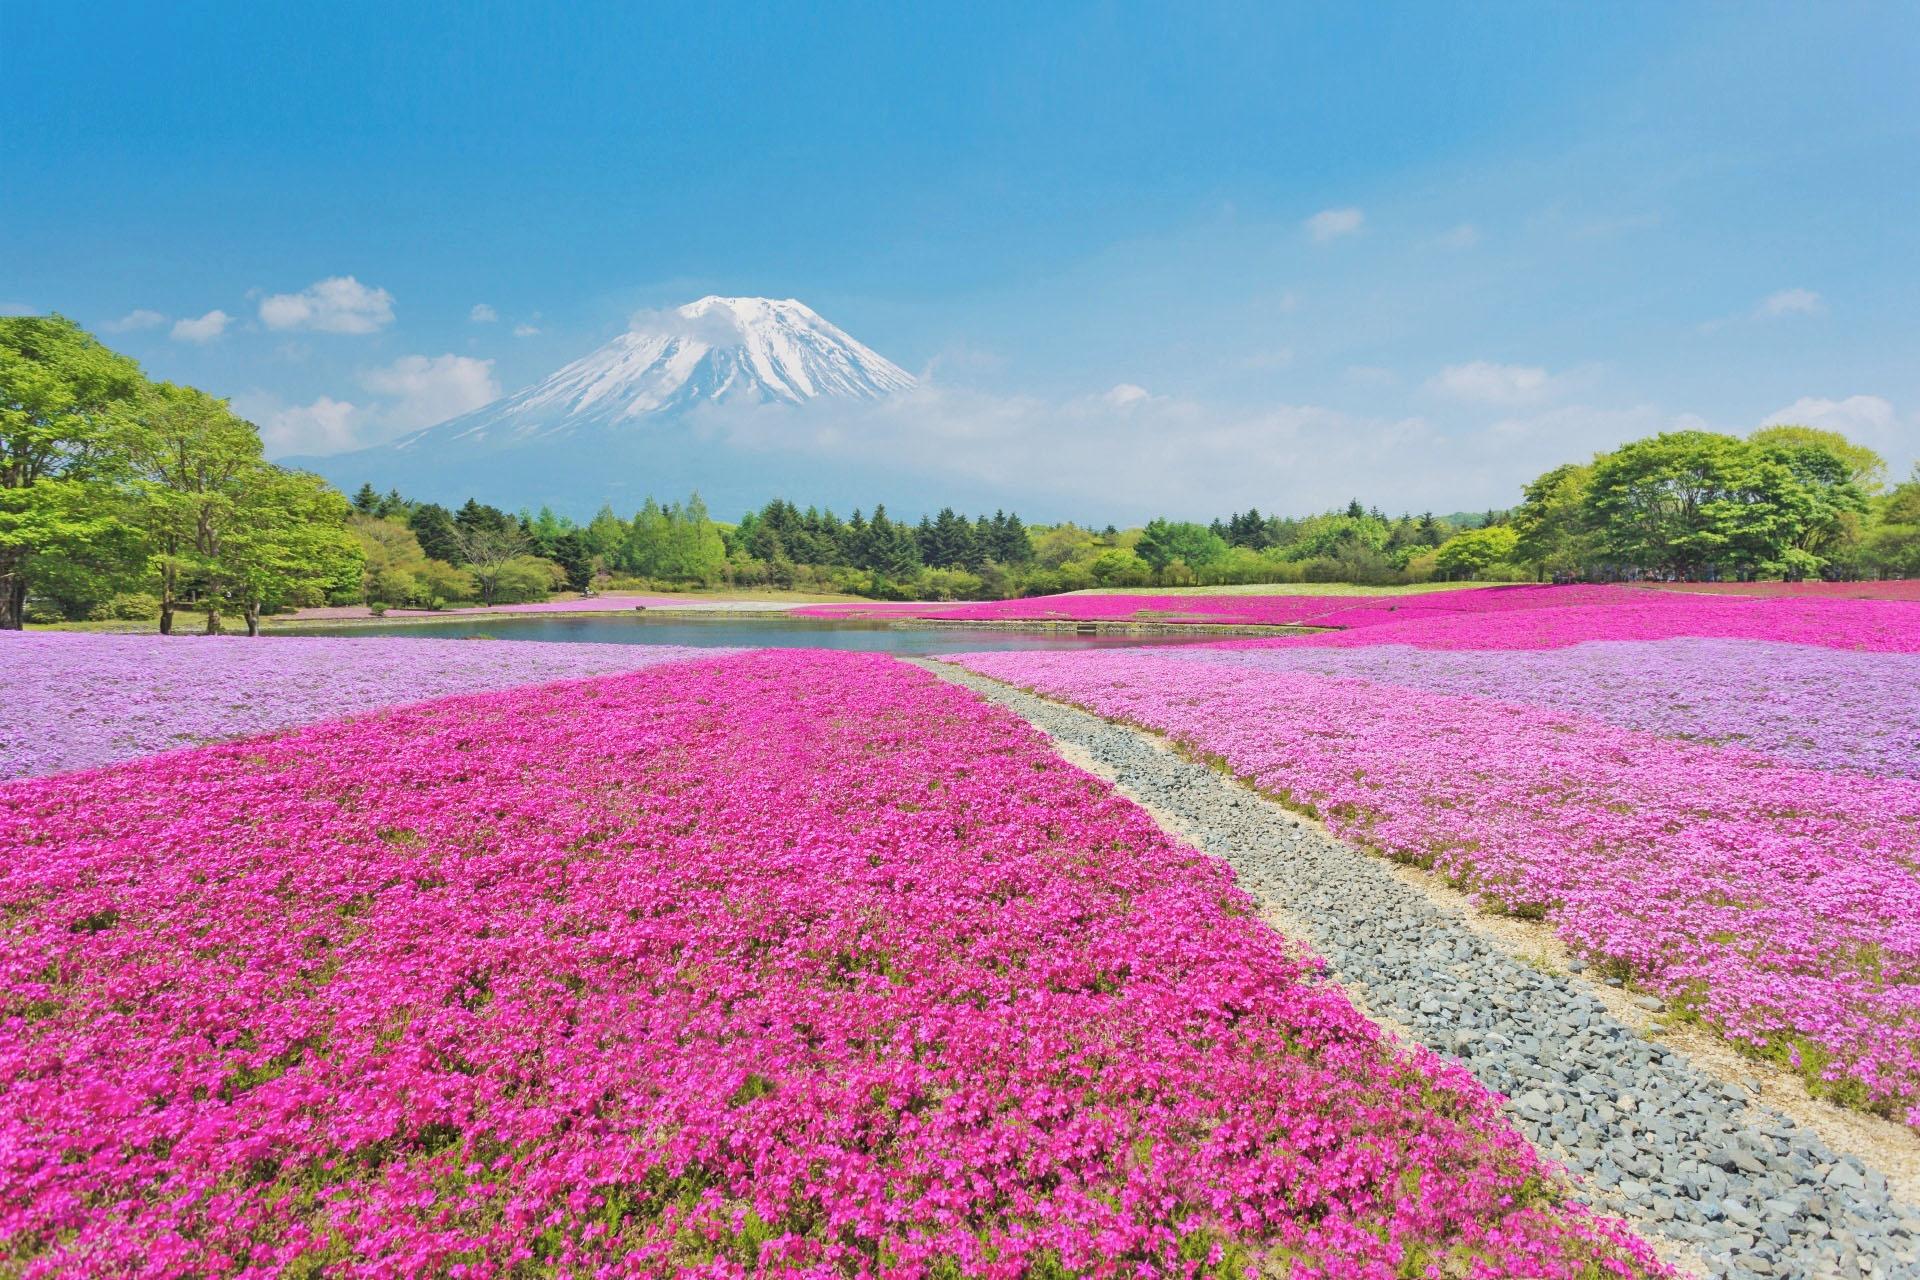 富士芝桜 シバザクラと富士山 山梨の風景